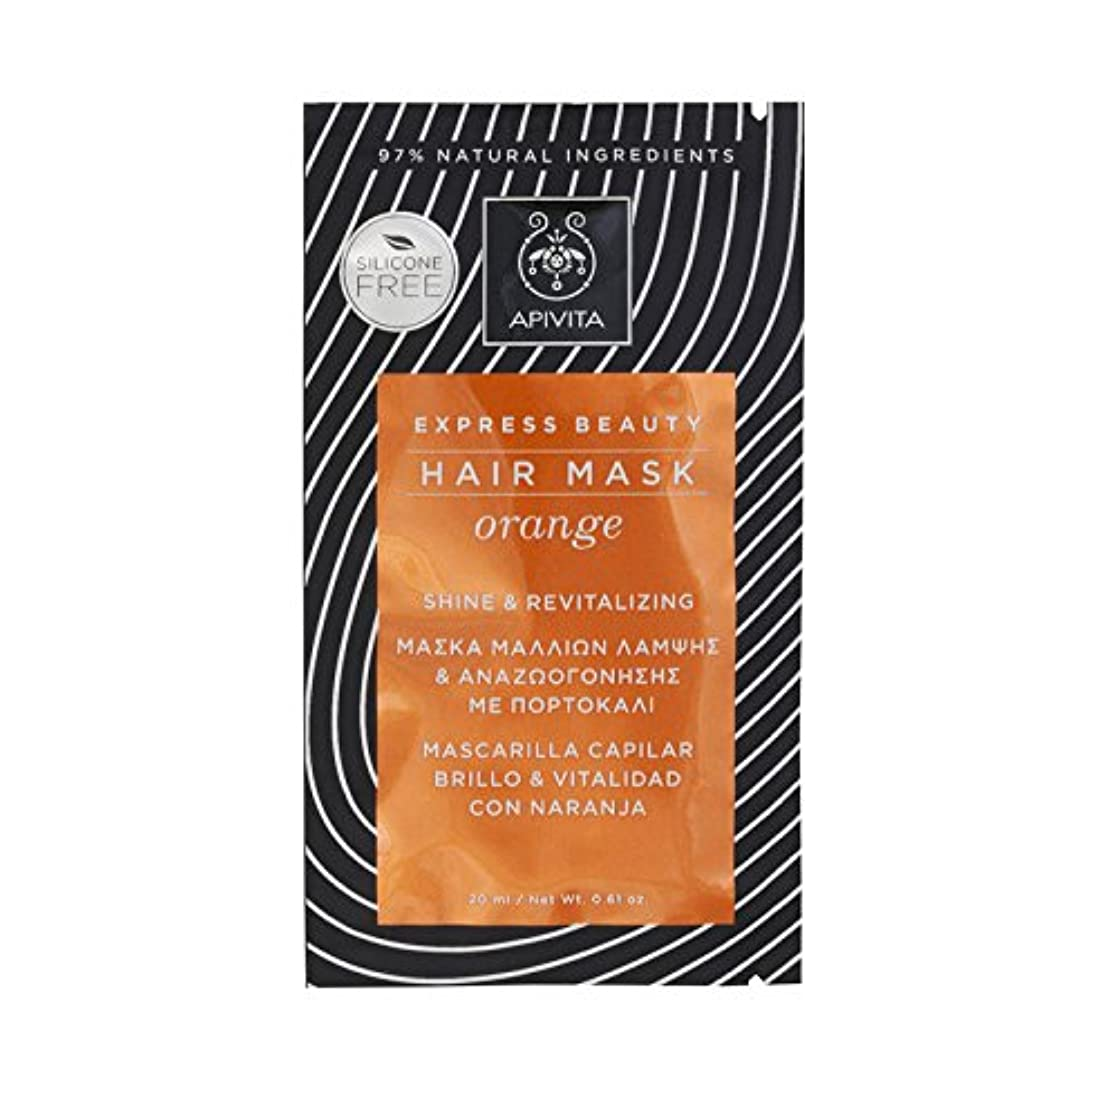 スローアトラスセンサーアピビタキャピラリーマスク輝きと活力オレンジ20ml